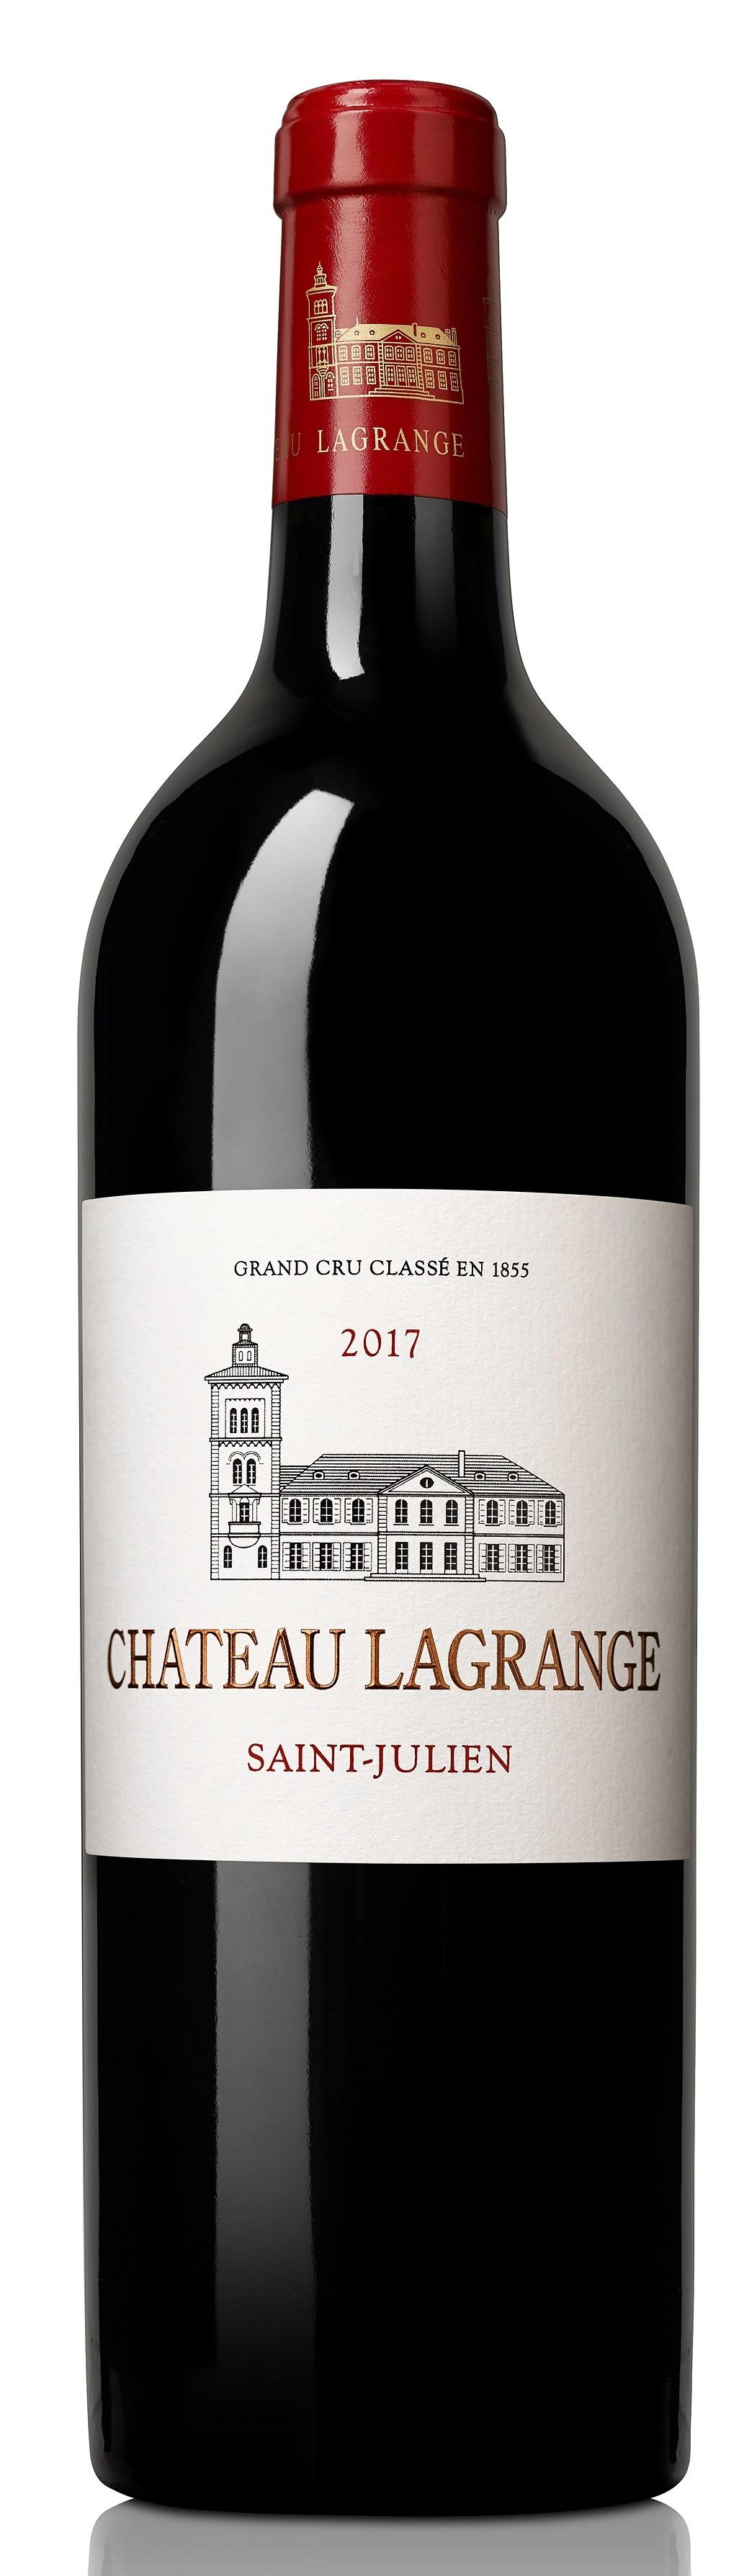 Chateau Lagrange 2017, Saint Julien